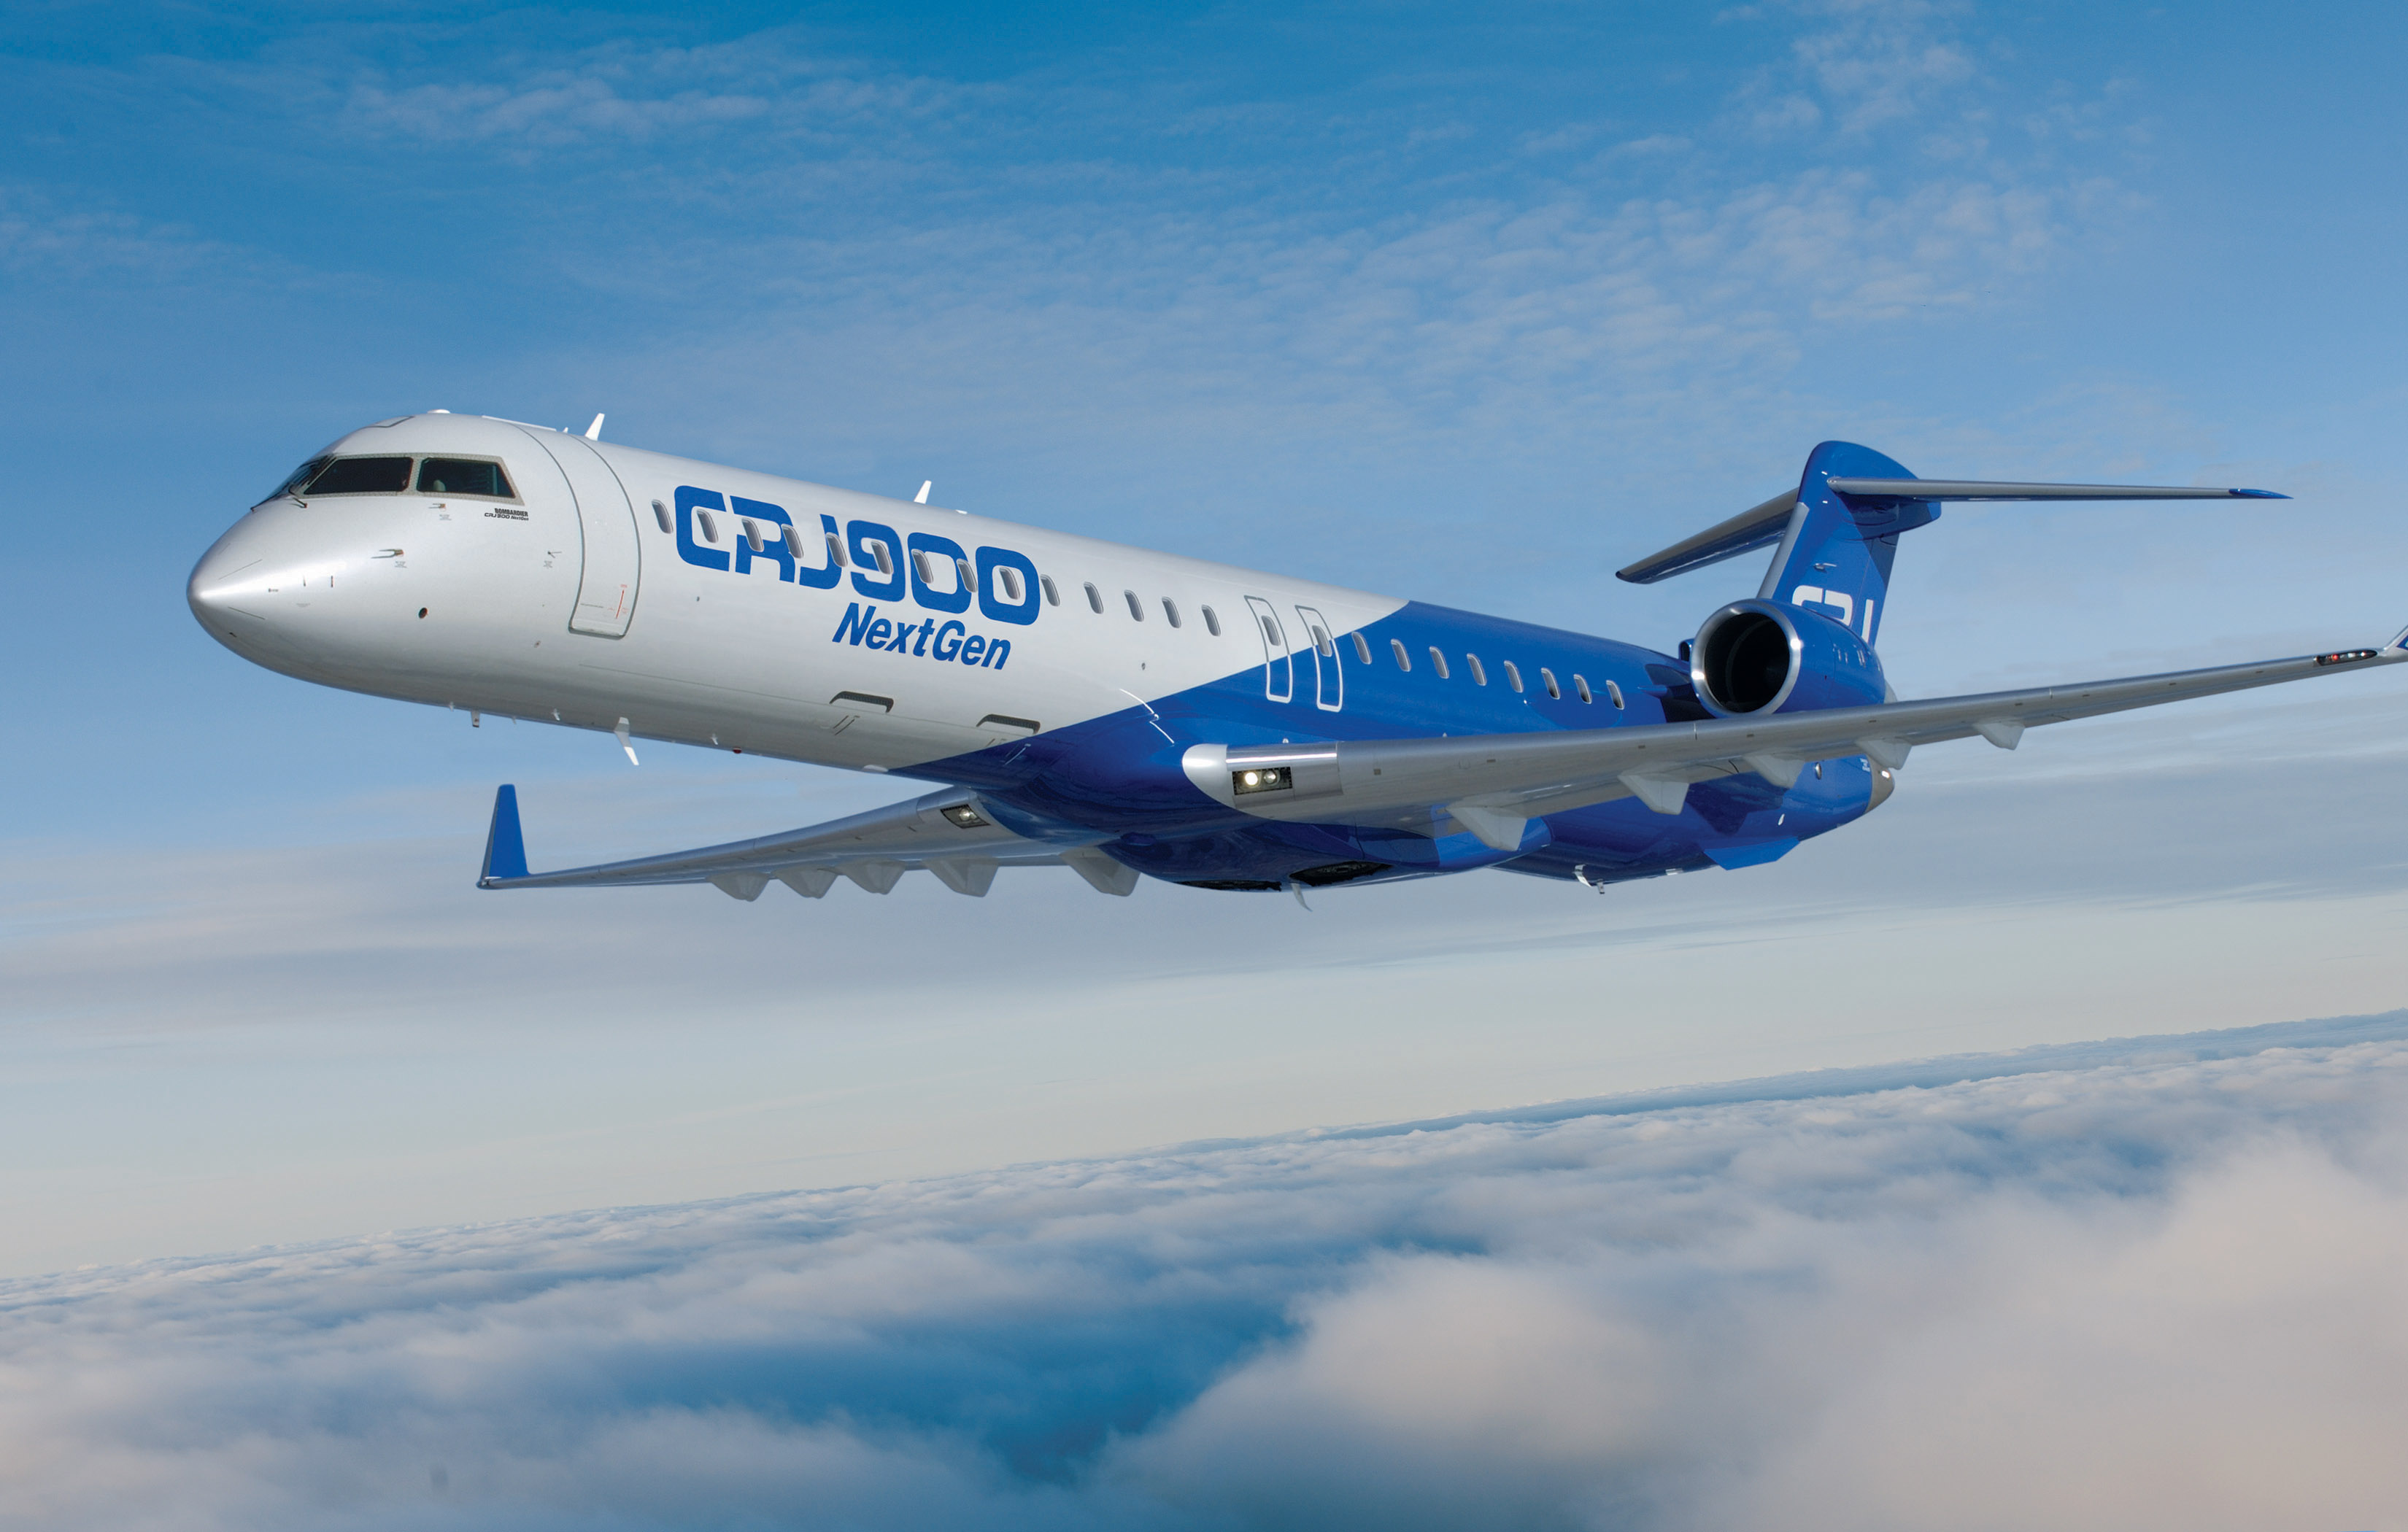 Bombardier Crj 900 Starjets